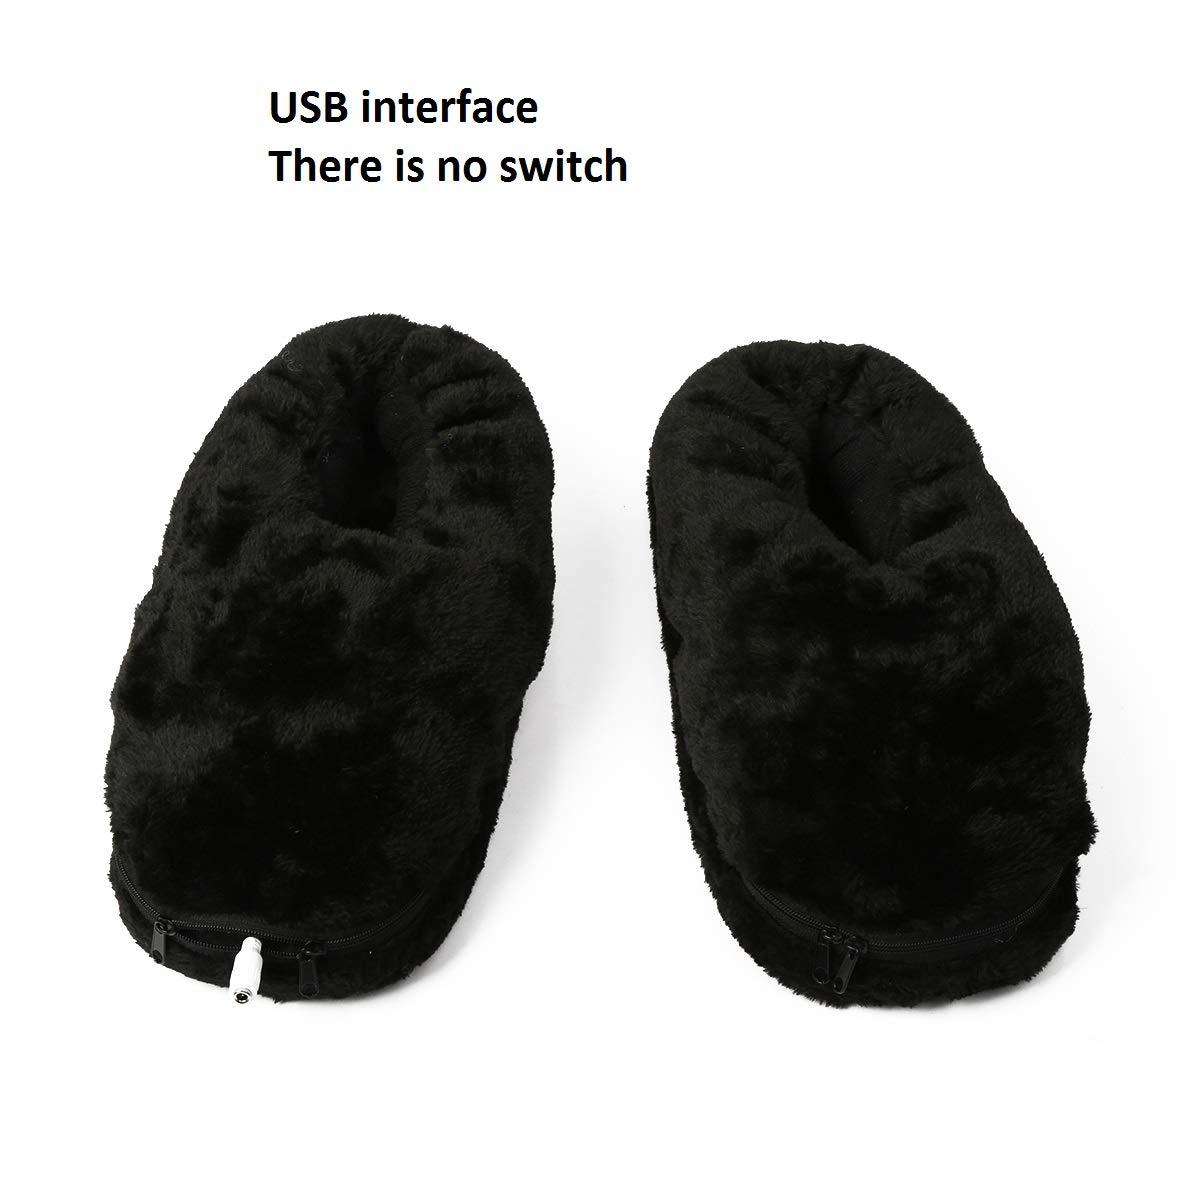 Amazon.com: 7Buy - Calentador de pies eléctrico con USB para ...